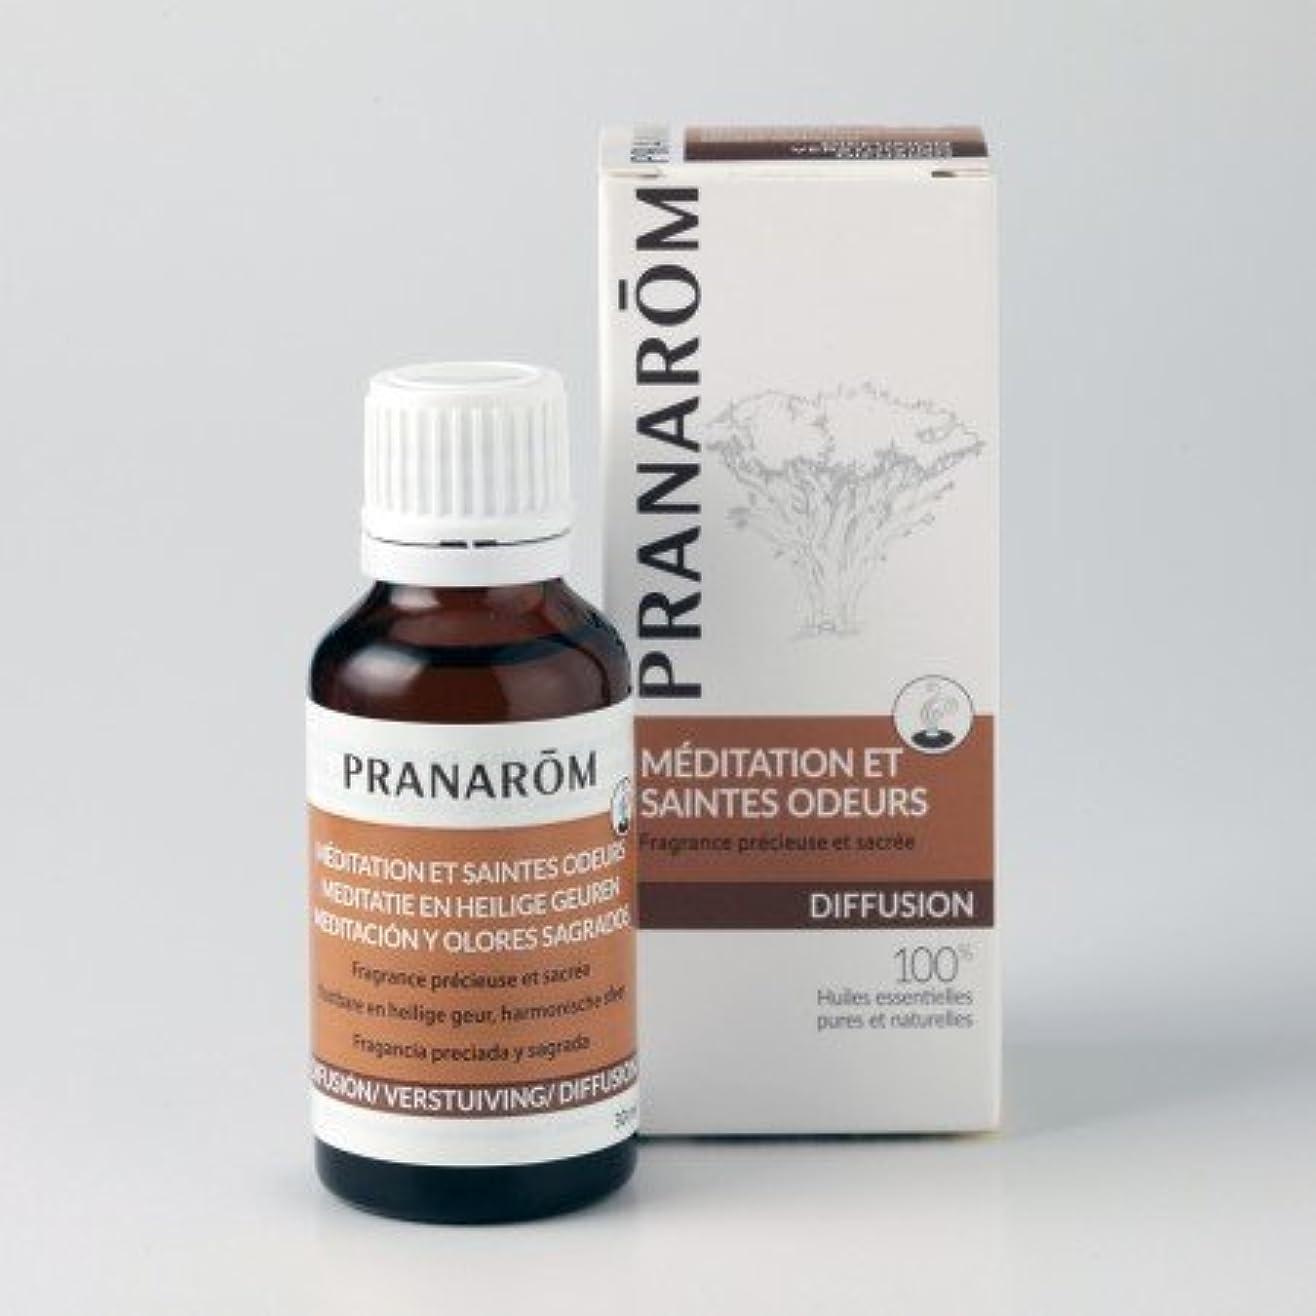 プラナロム ( PRANAROM ) ルームコロン 瞑想へのいざない メディテーション 30ml 02588 エアフレッシュナー ( 芳香剤 )